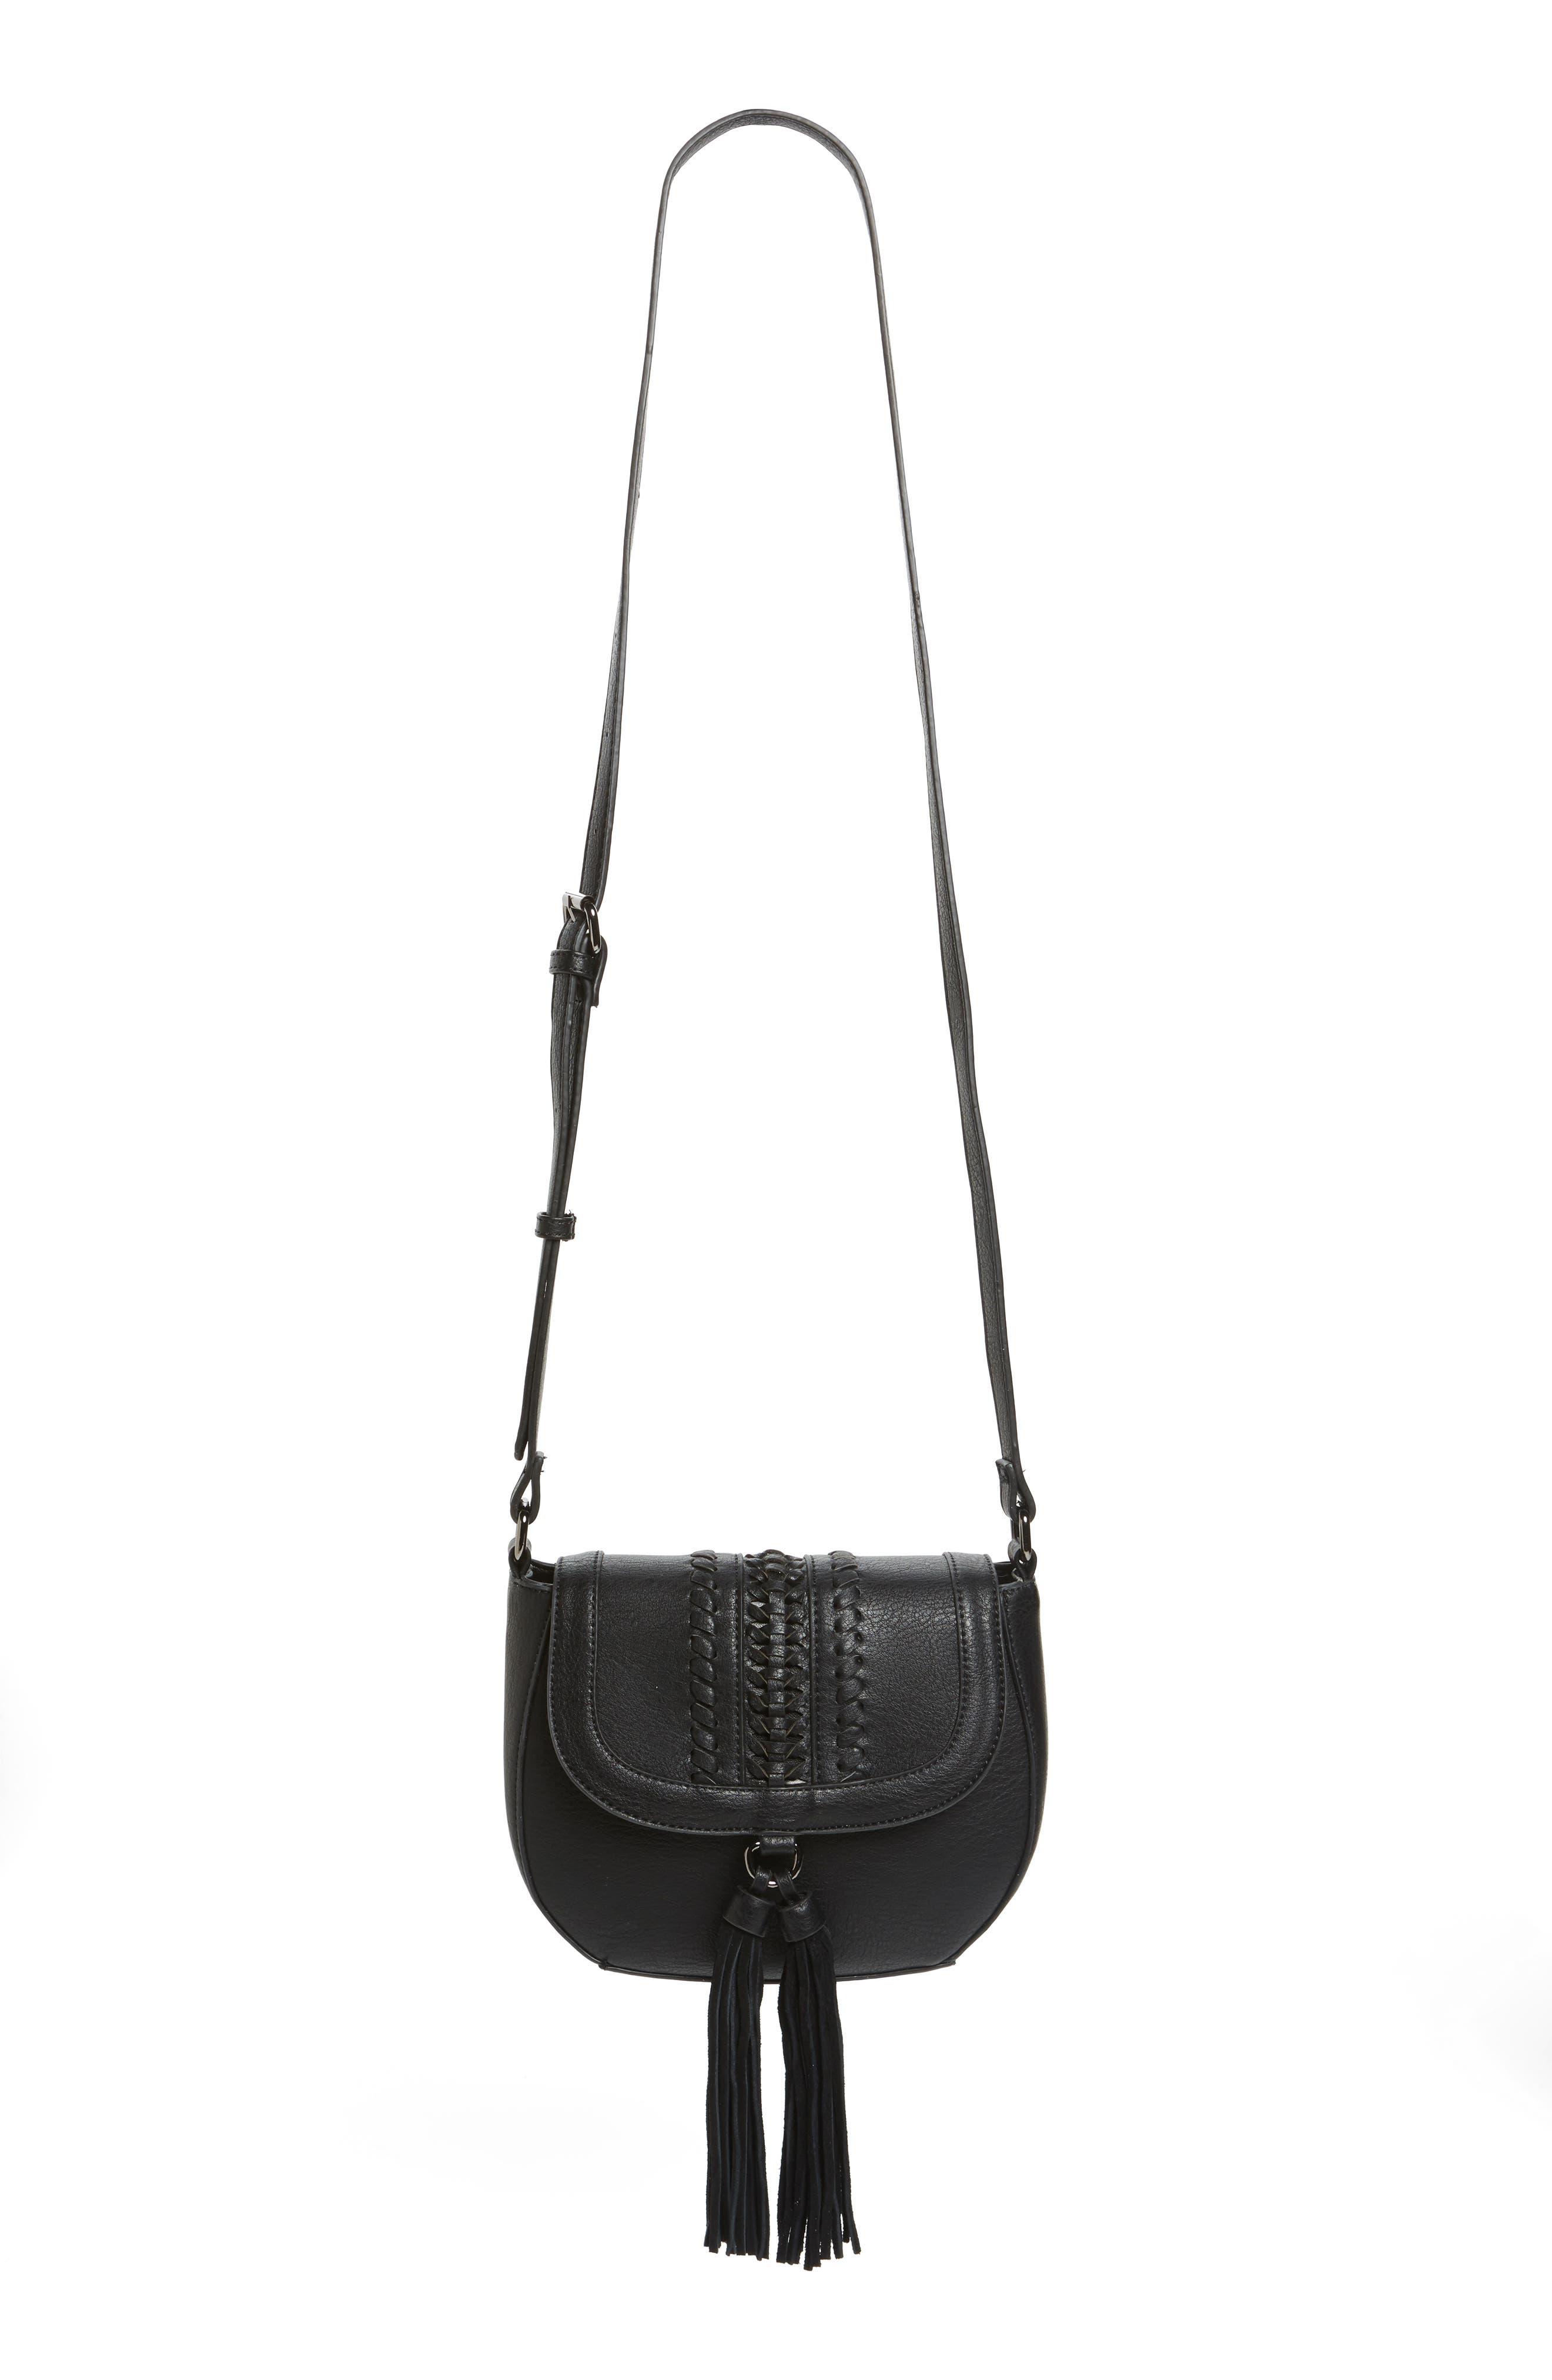 Alternate Image 1 Selected - Phase 3 Tassel Crossbody Bag